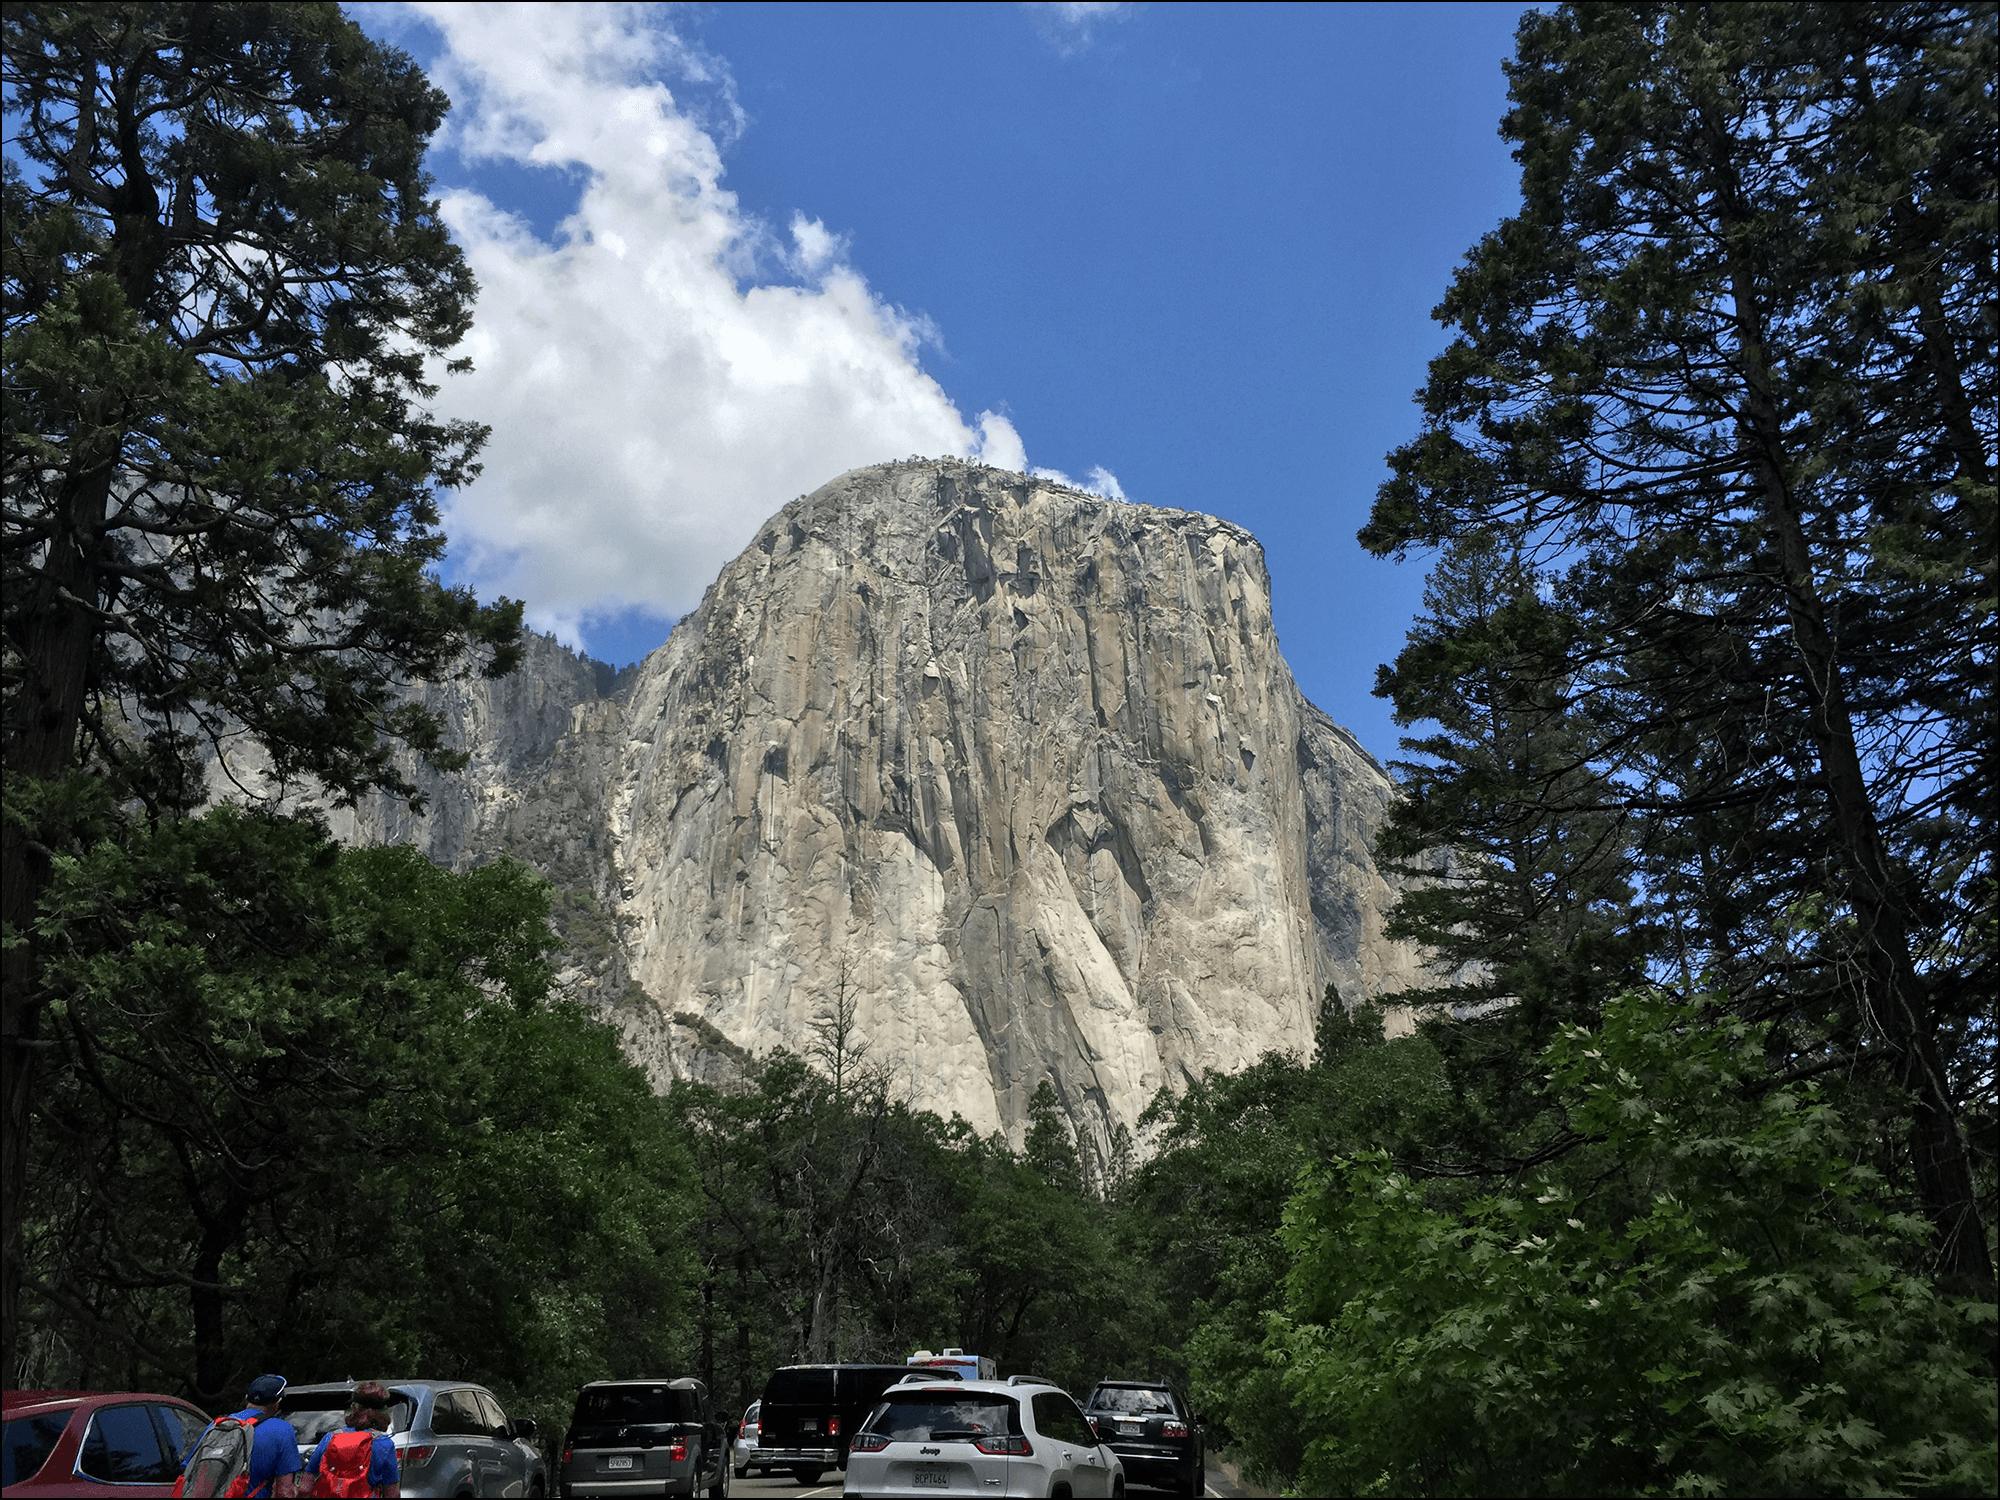 El Capitan in Yosemita National Park